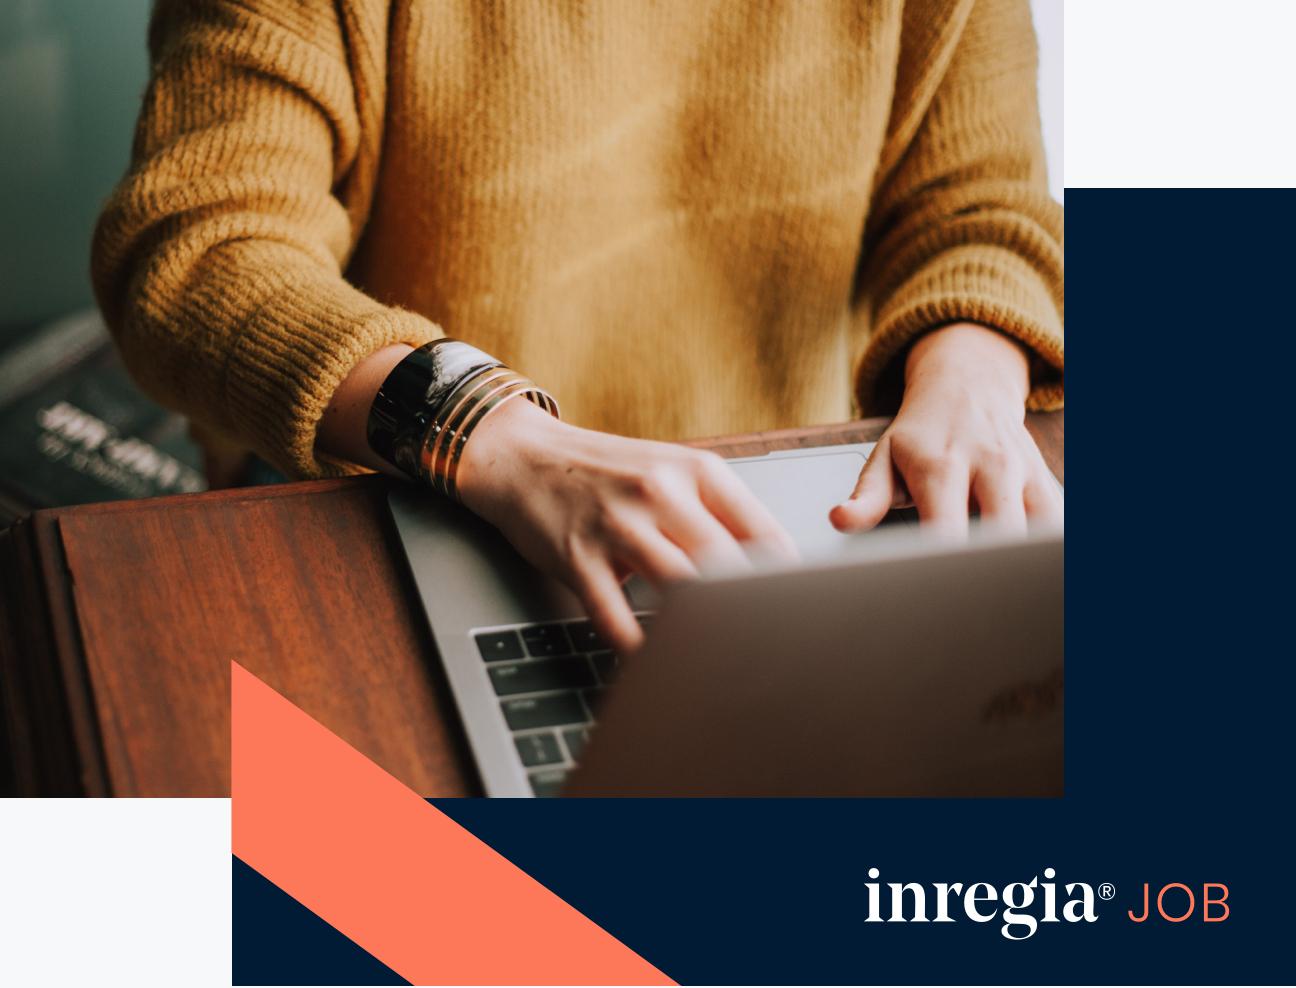 inregia unternehmernetzwerk firmendatenbank region regional Unternehmer firmenübersicht netzwerk